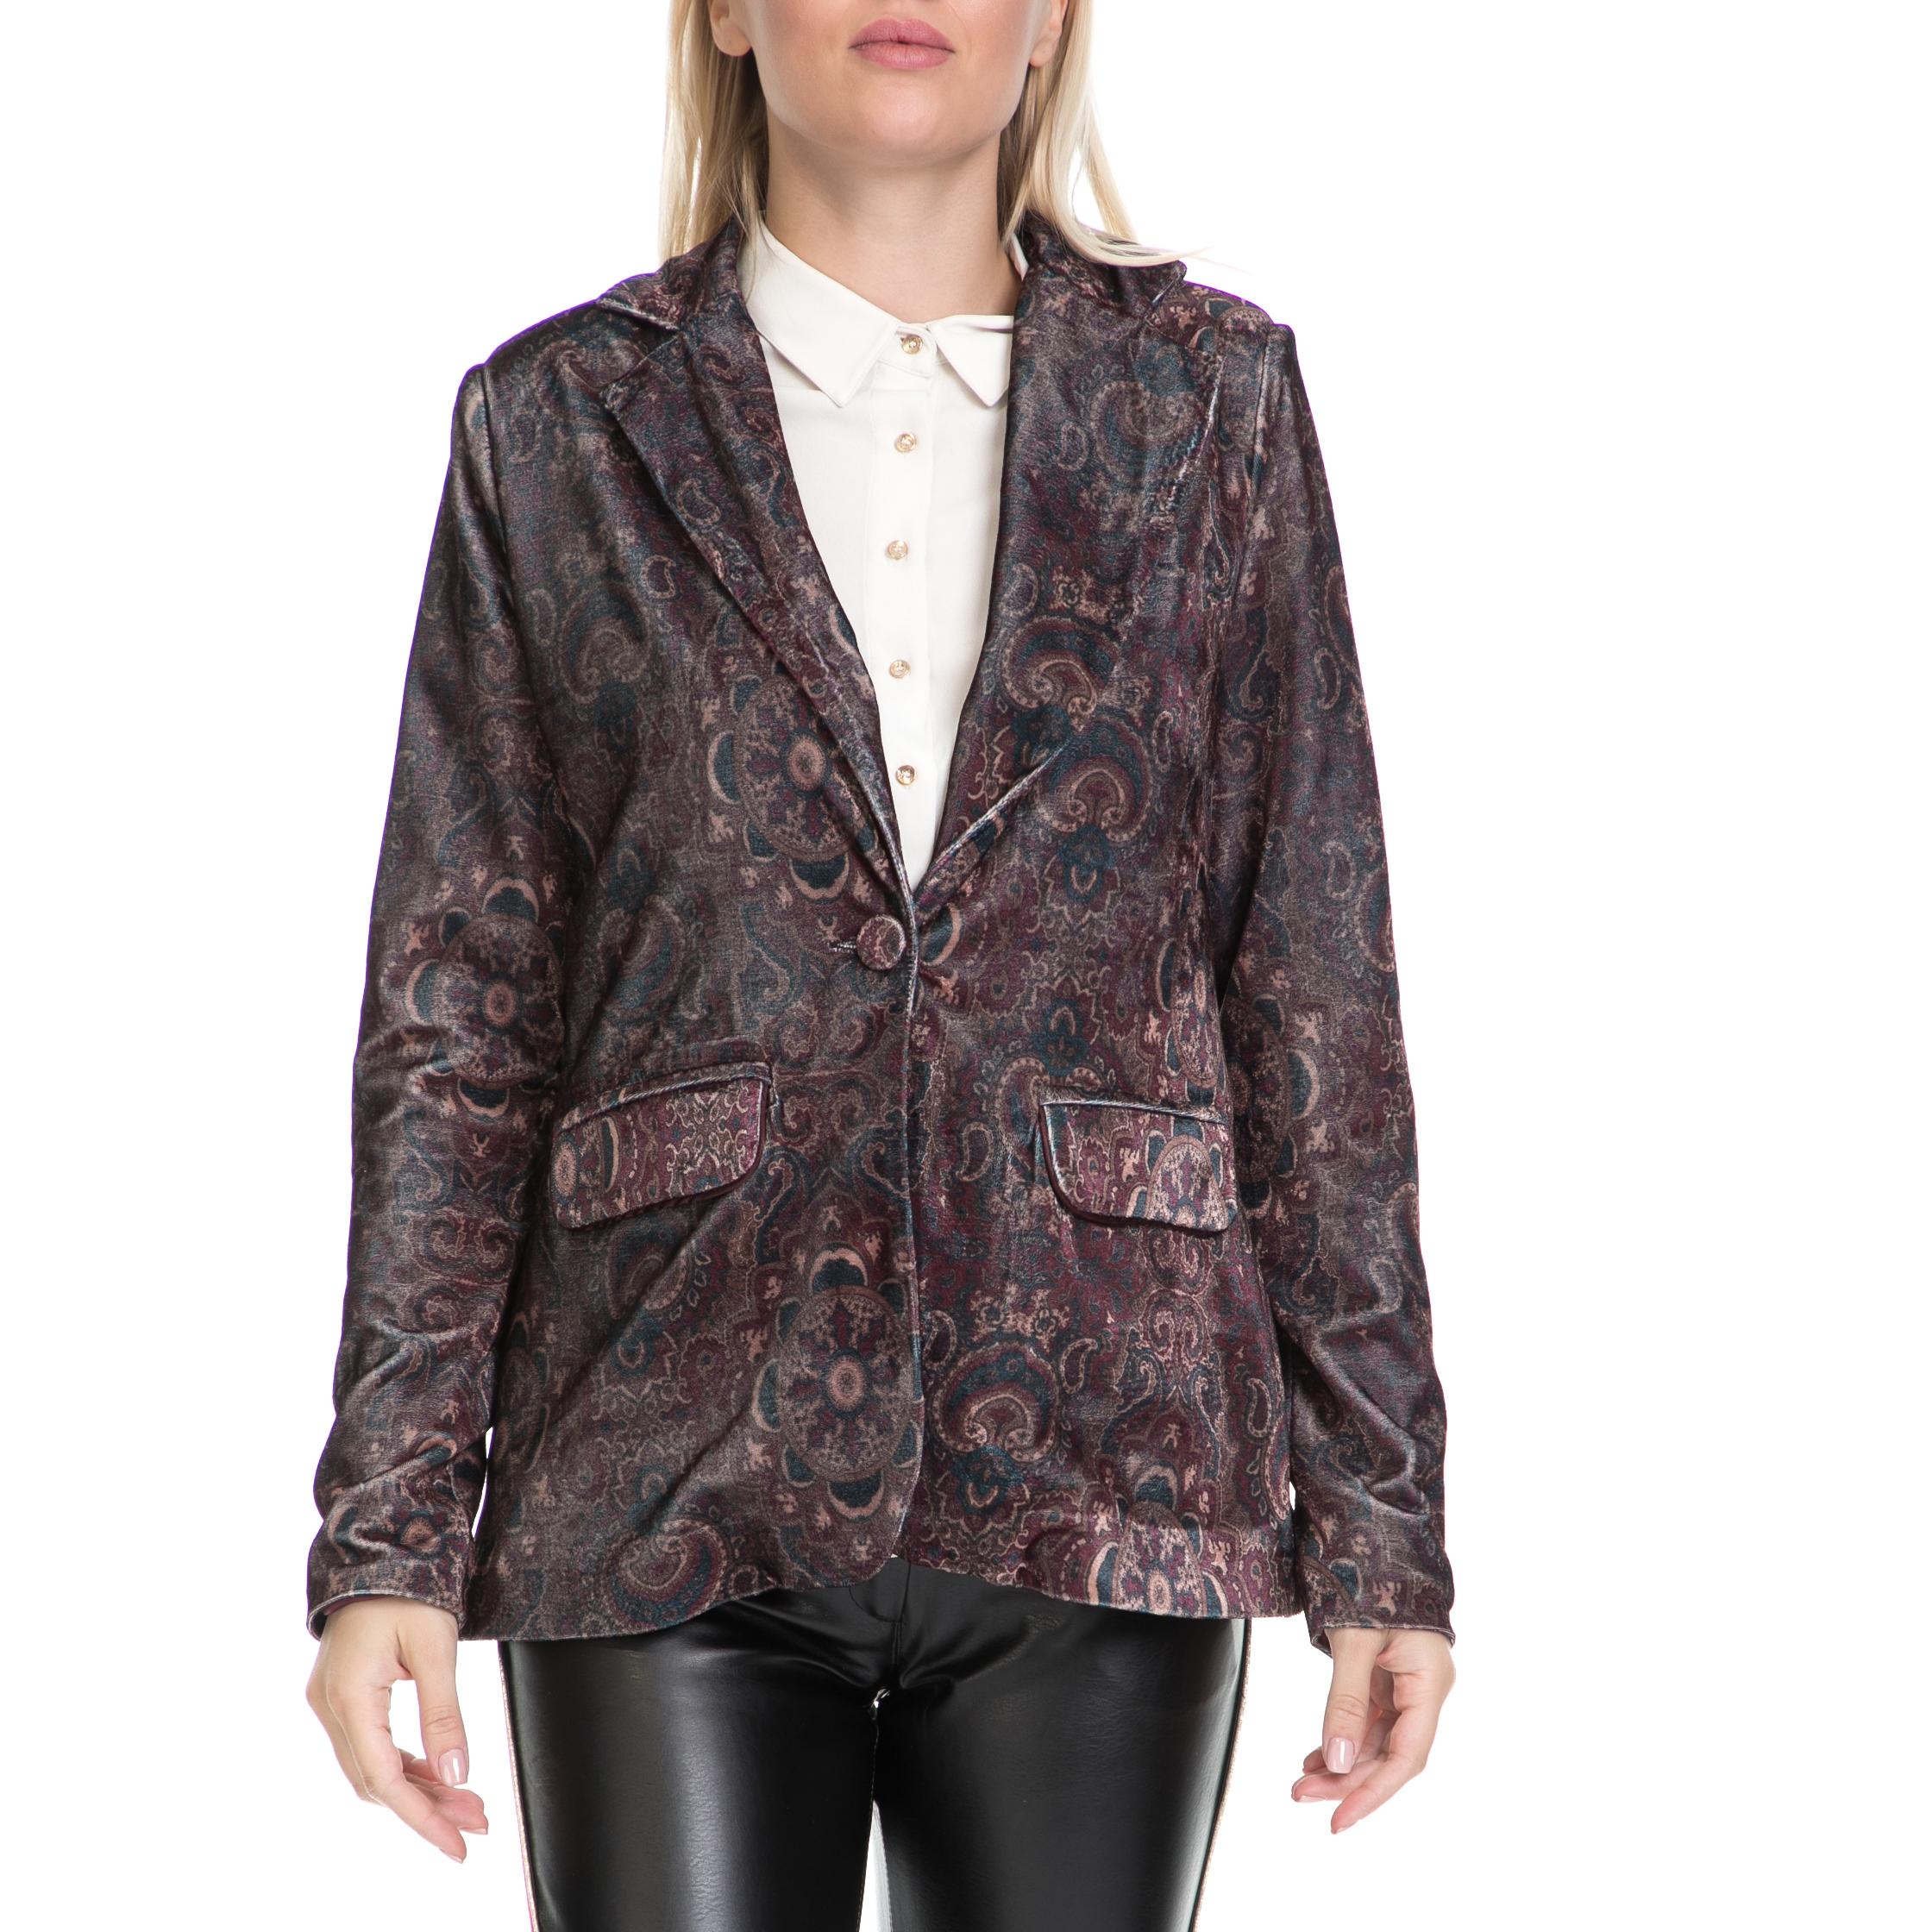 MYMOO - Γυναικείο σακάκι MYMOO μοβ-γκρι γυναικεία ρούχα πανωφόρια σακάκια